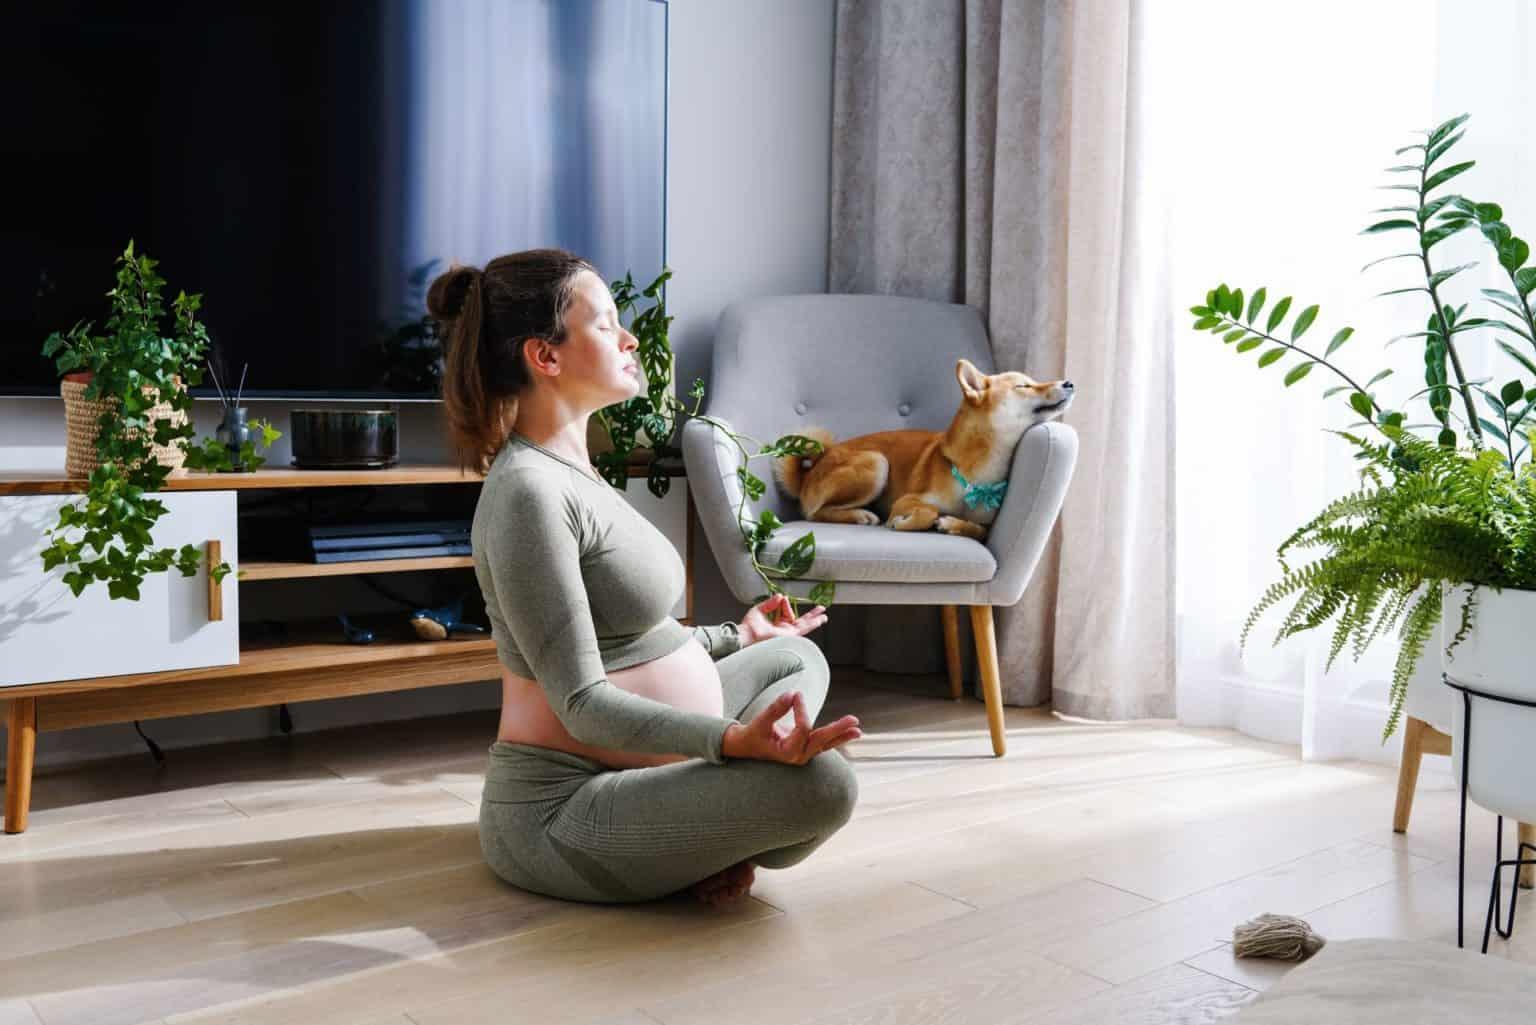 Schwangerschaftsyoga: Mehr Vitalität, Wohlbefinden & Gesundheit. Schwangere beim ausüben von sanften Yoga Asanas.